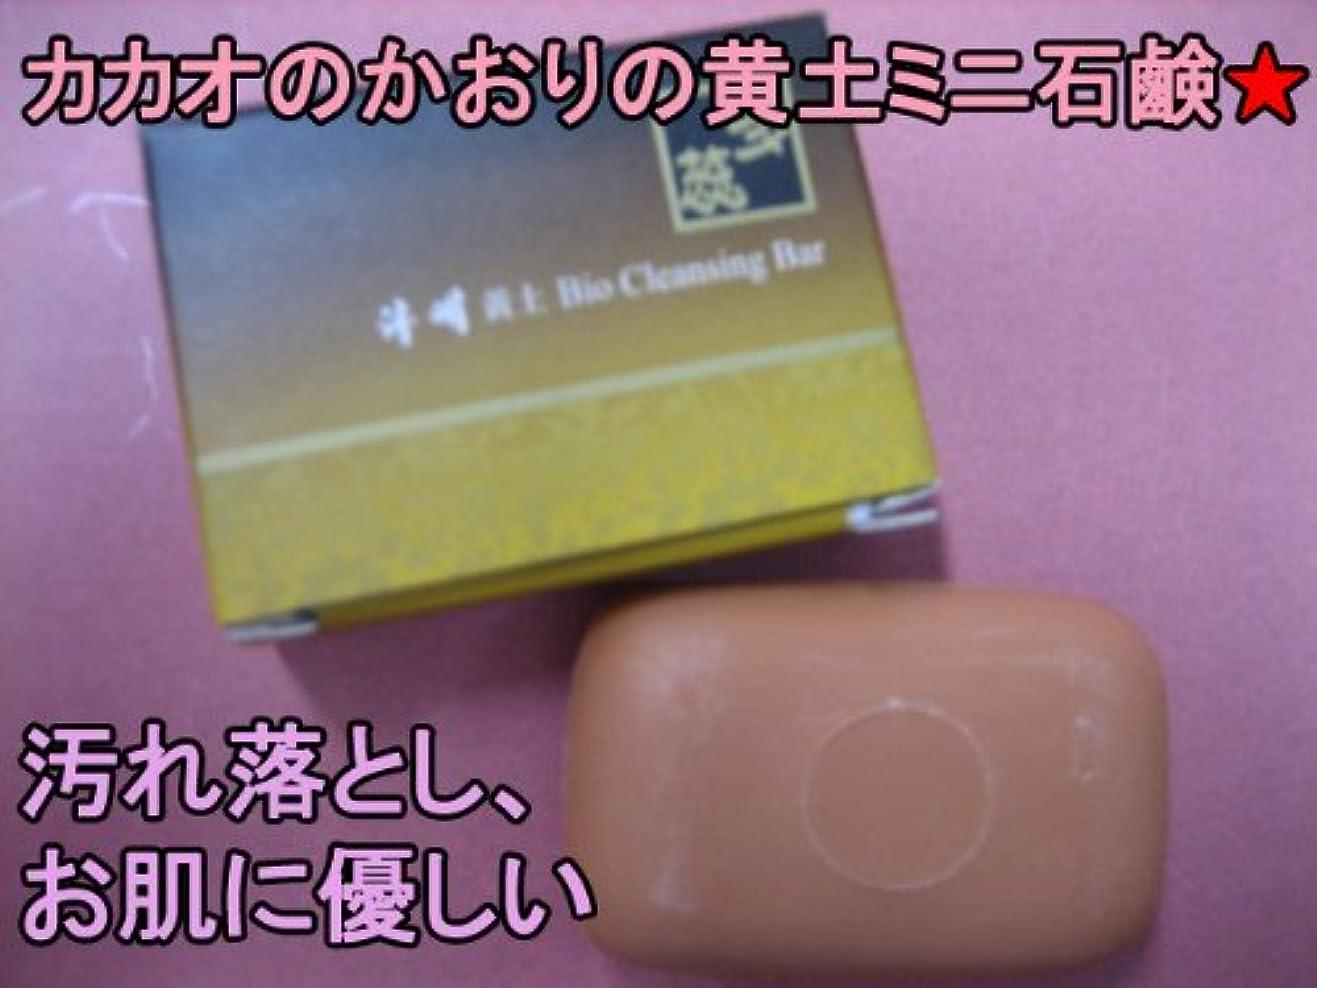 スーパー幹アイザック「ミニ黄土石鹸」カカオの甘い 香のミニ石鹸★